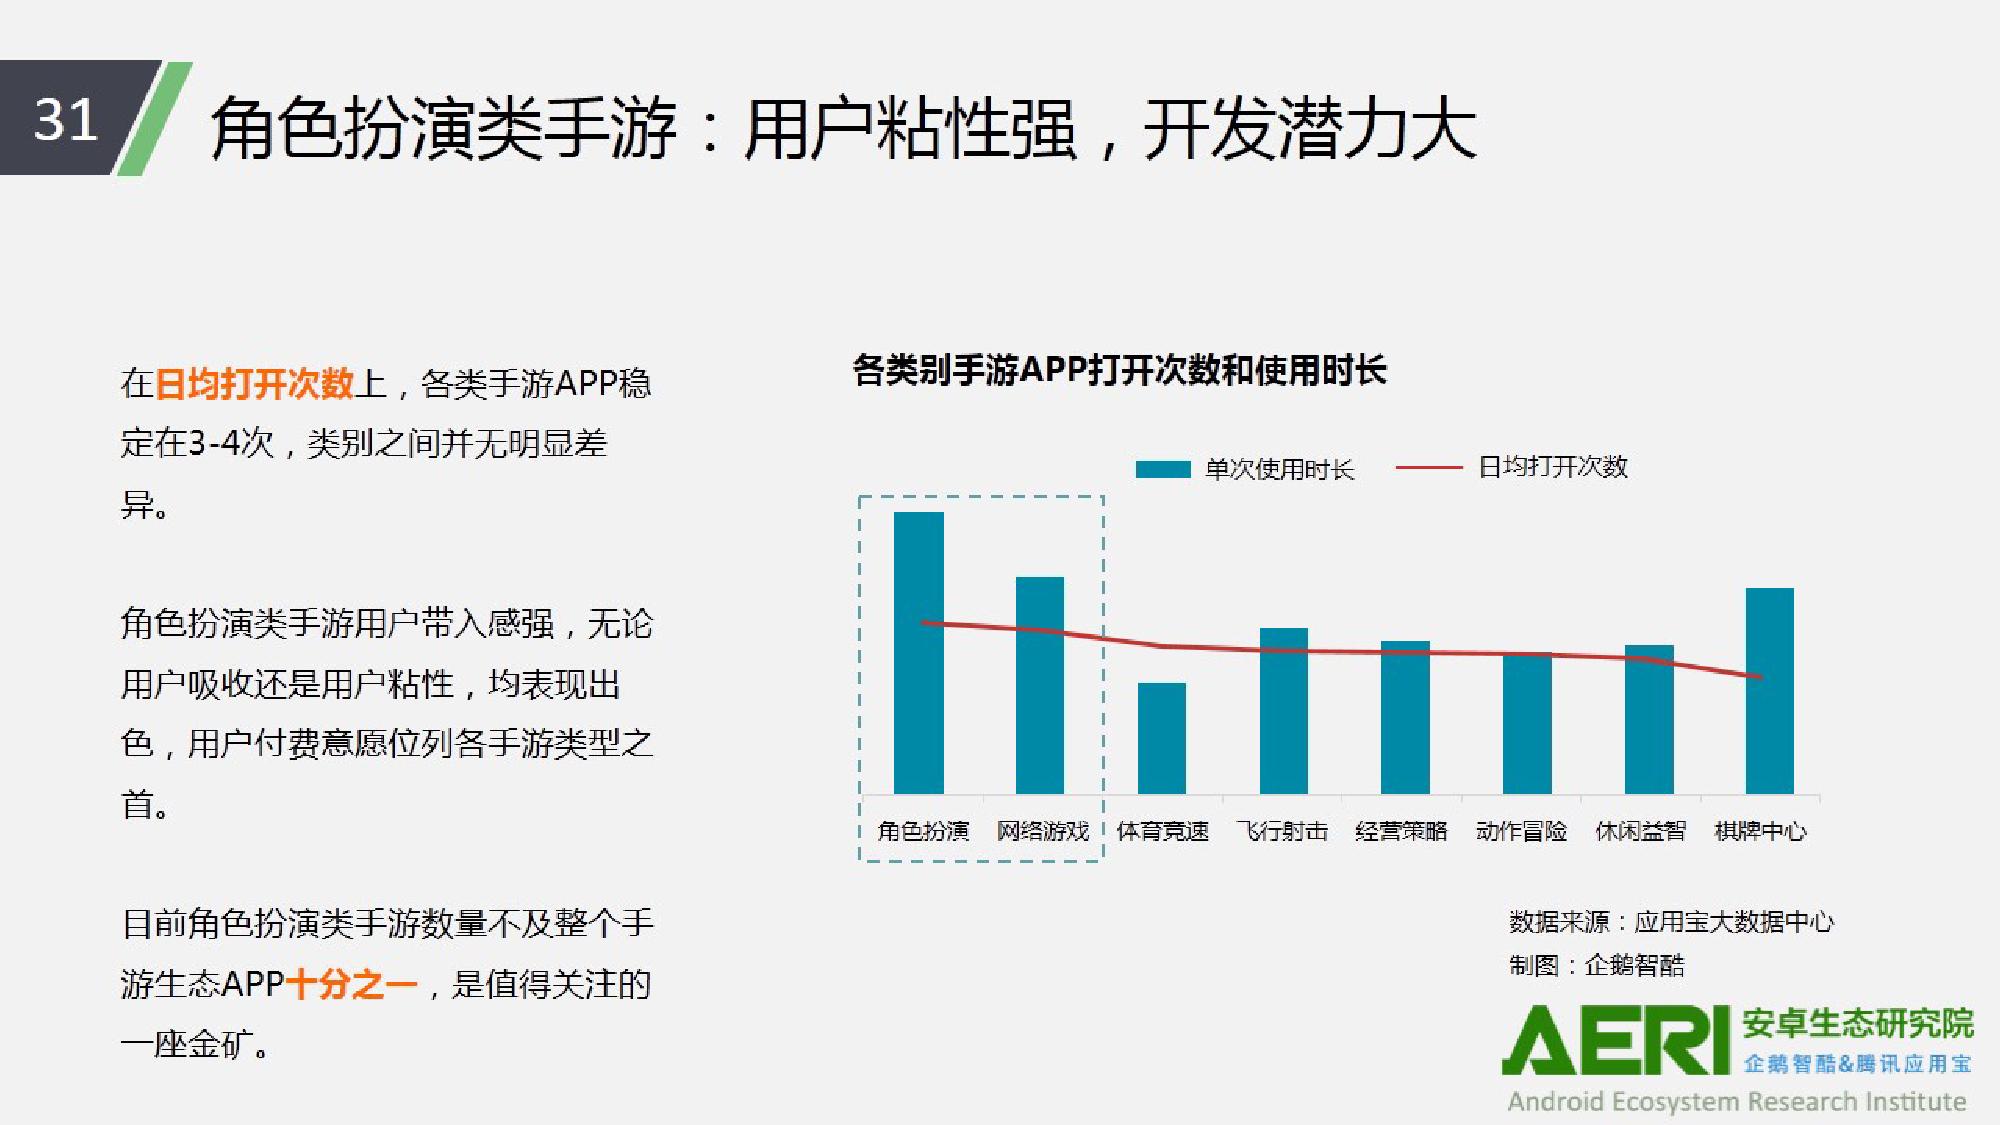 中国手游行业2016大数据报告_000032